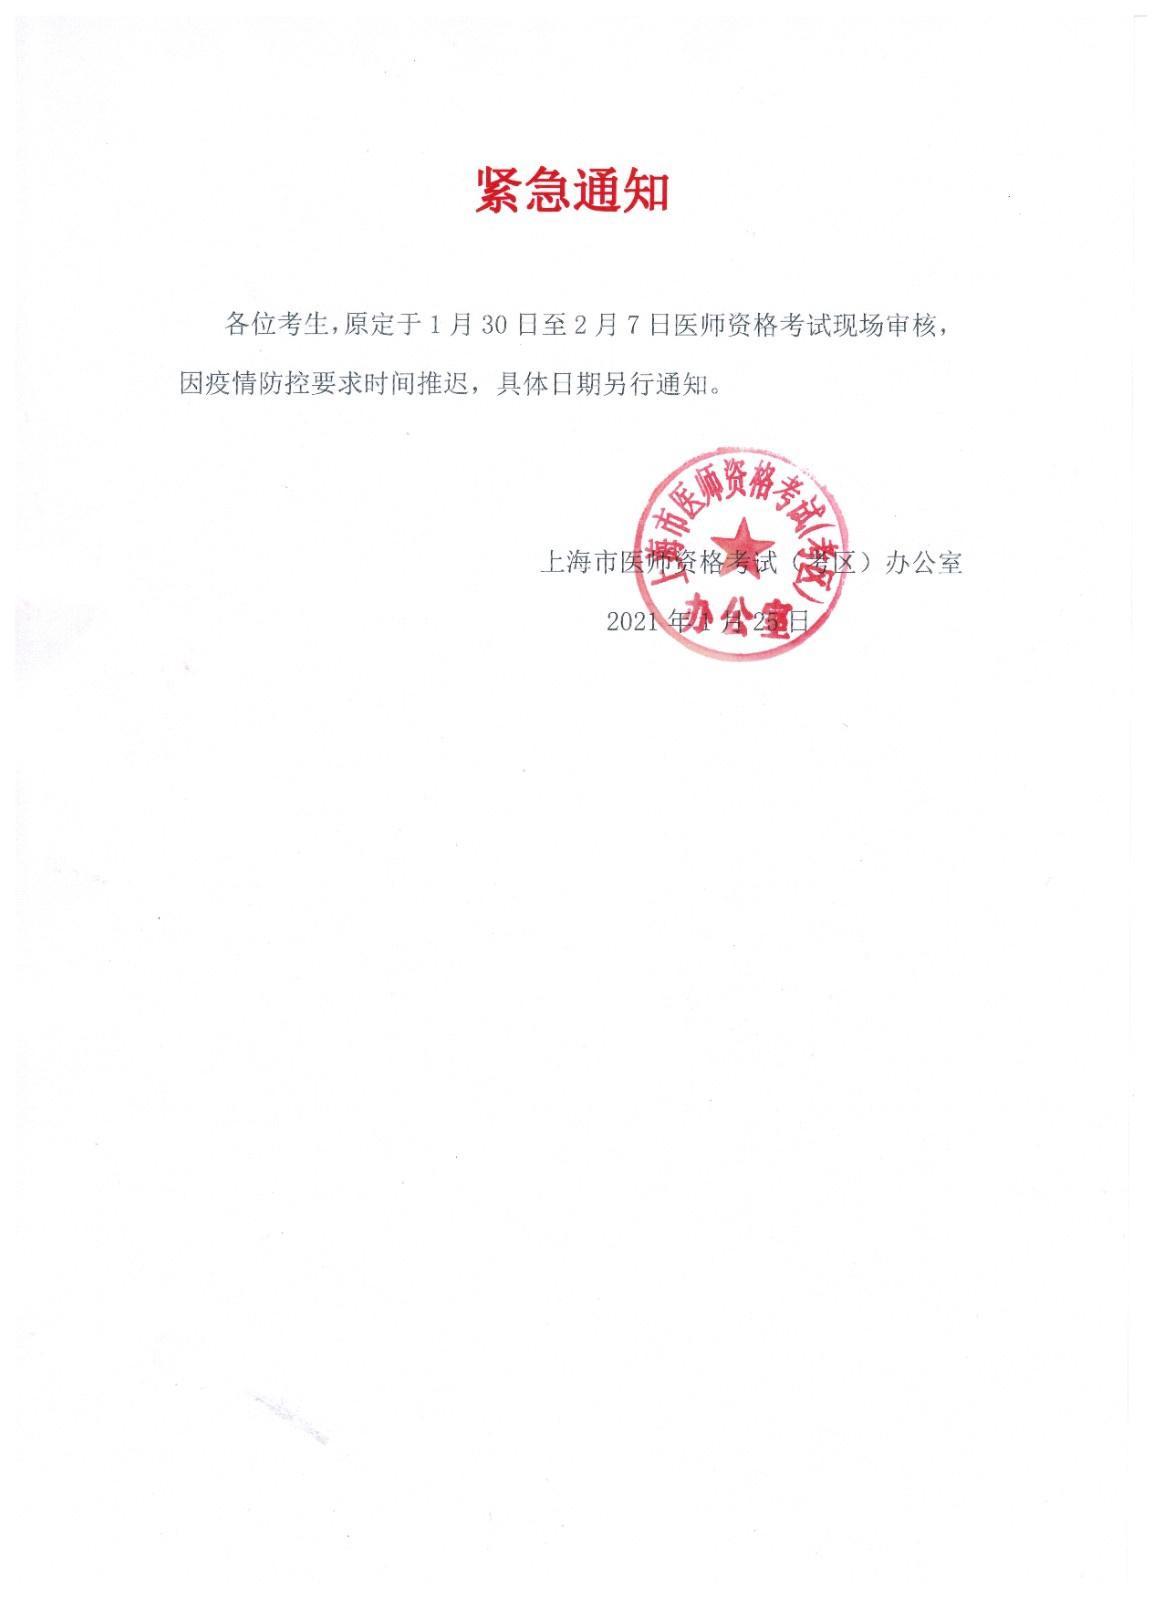 上海地区发布2021年医师资格考试紧急通知